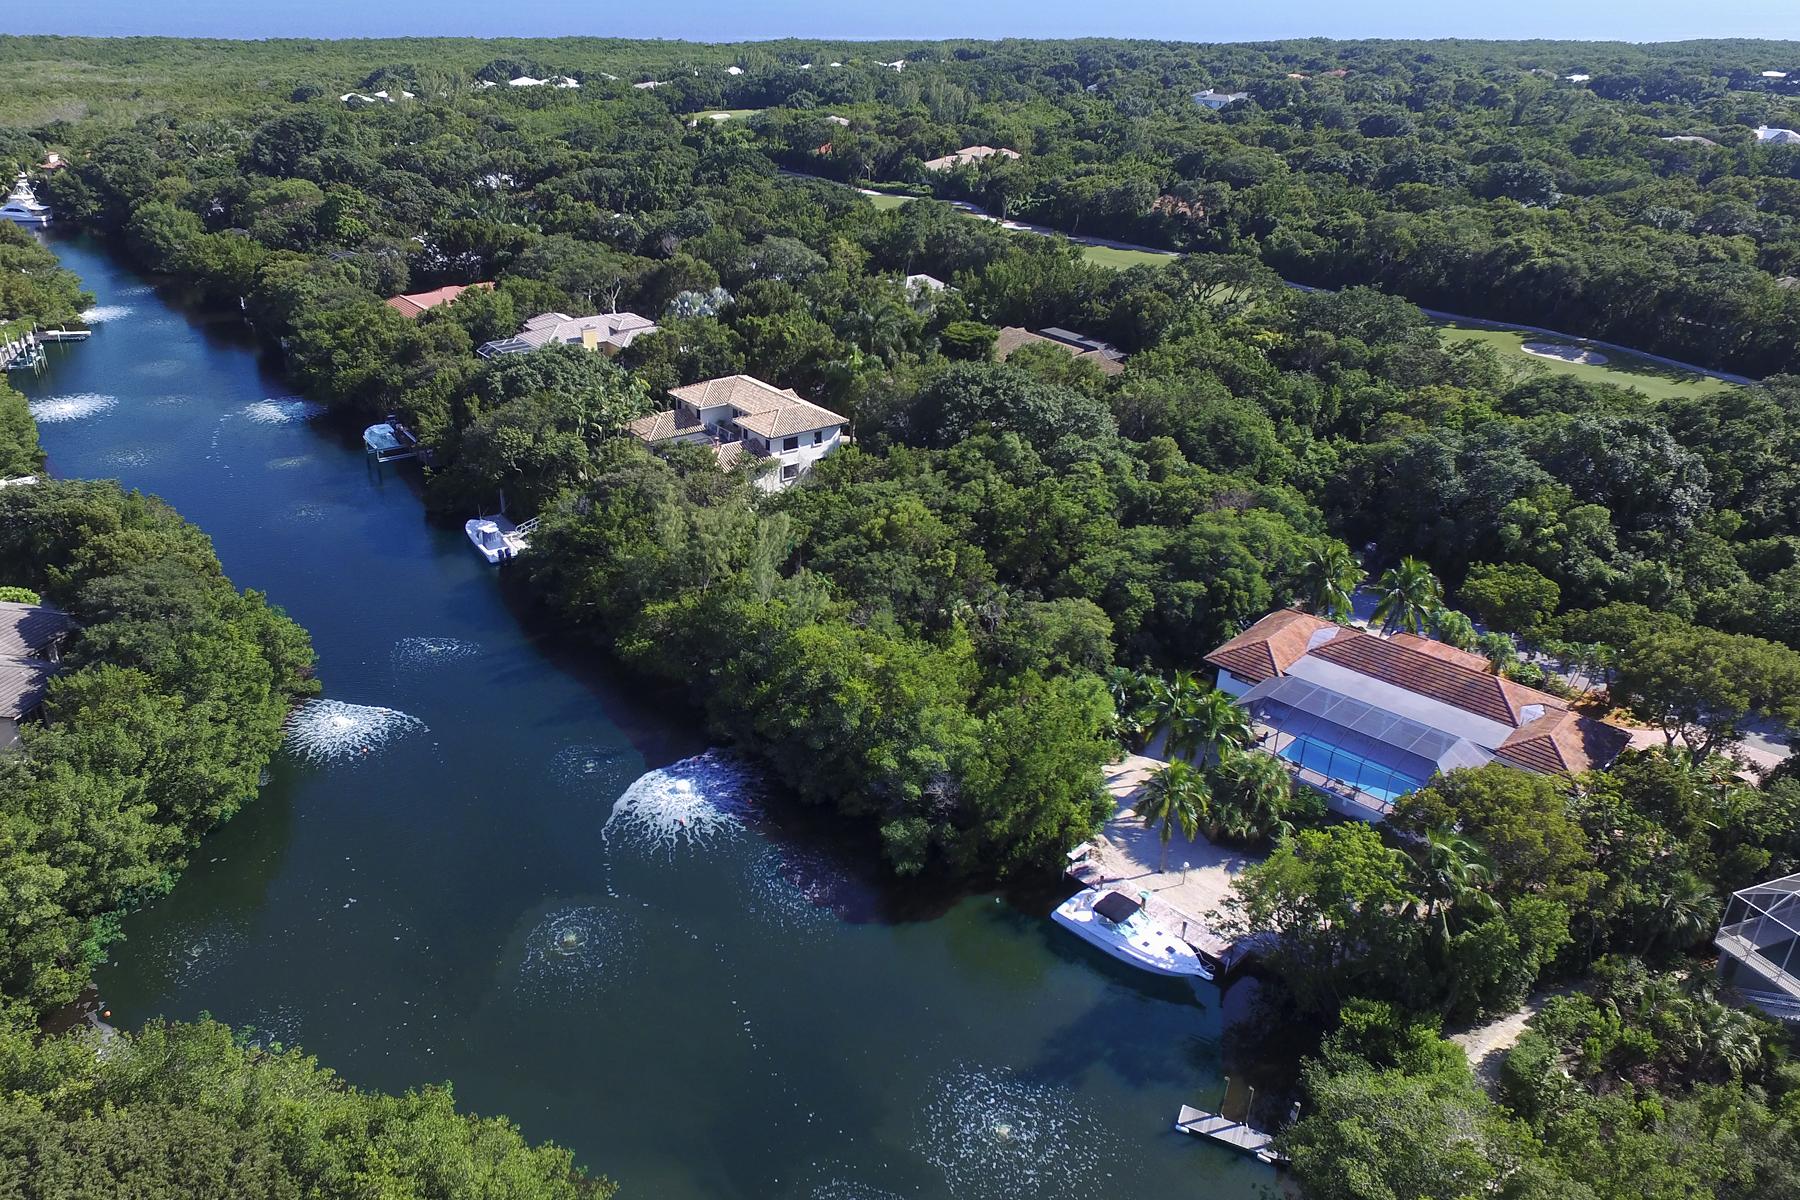 Tek Ailelik Ev için Satış at Canalfront Home at Ocean Reef 12 South Bridge Lane Ocean Reef Community, Key Largo, Florida, 33037 Amerika Birleşik Devletleri